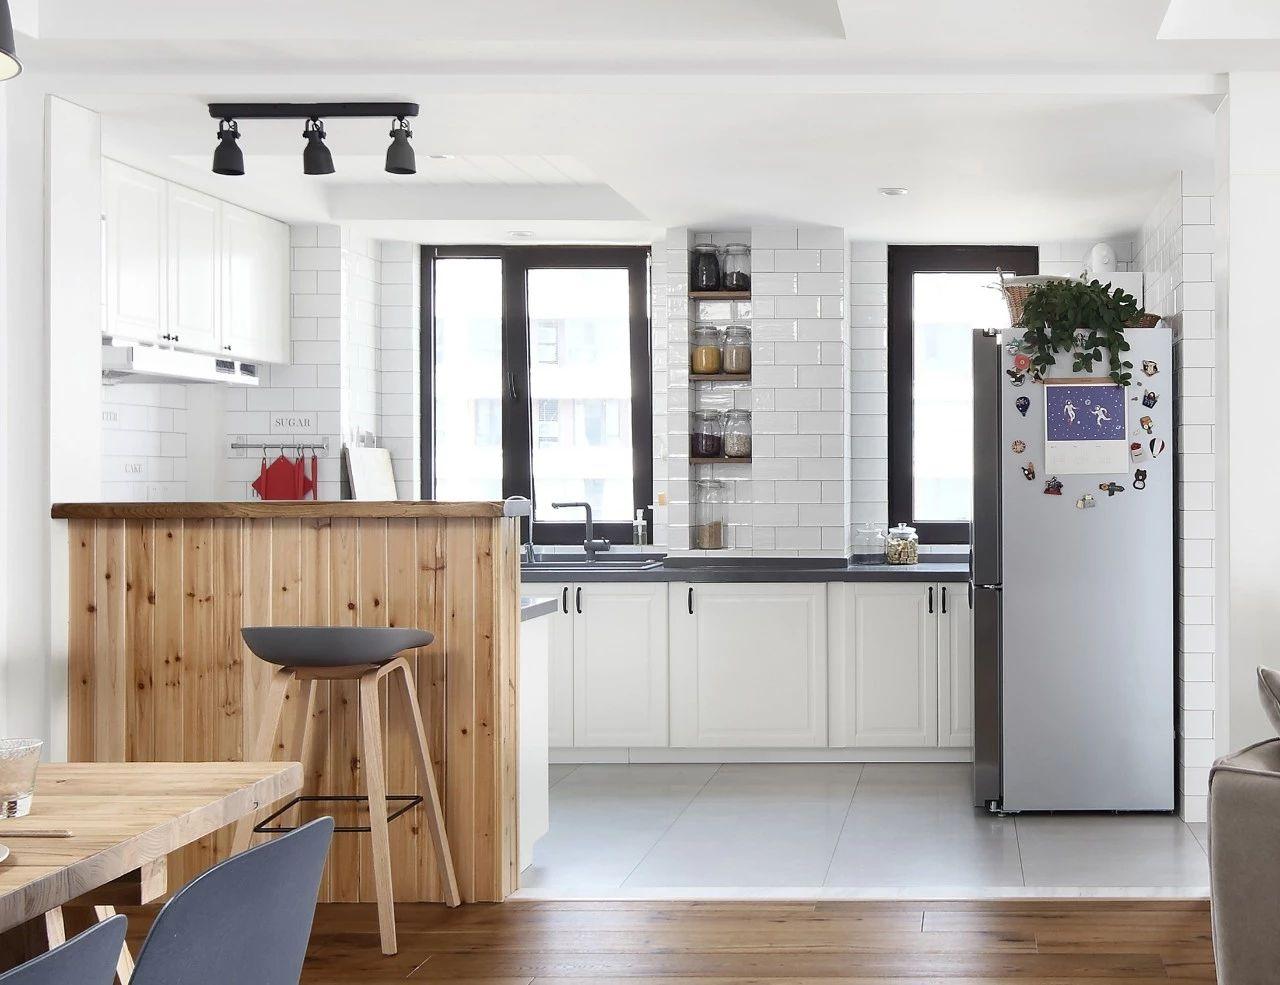 兼具颜值和功能丨拥有这样的厨房,我能天天在家做饭